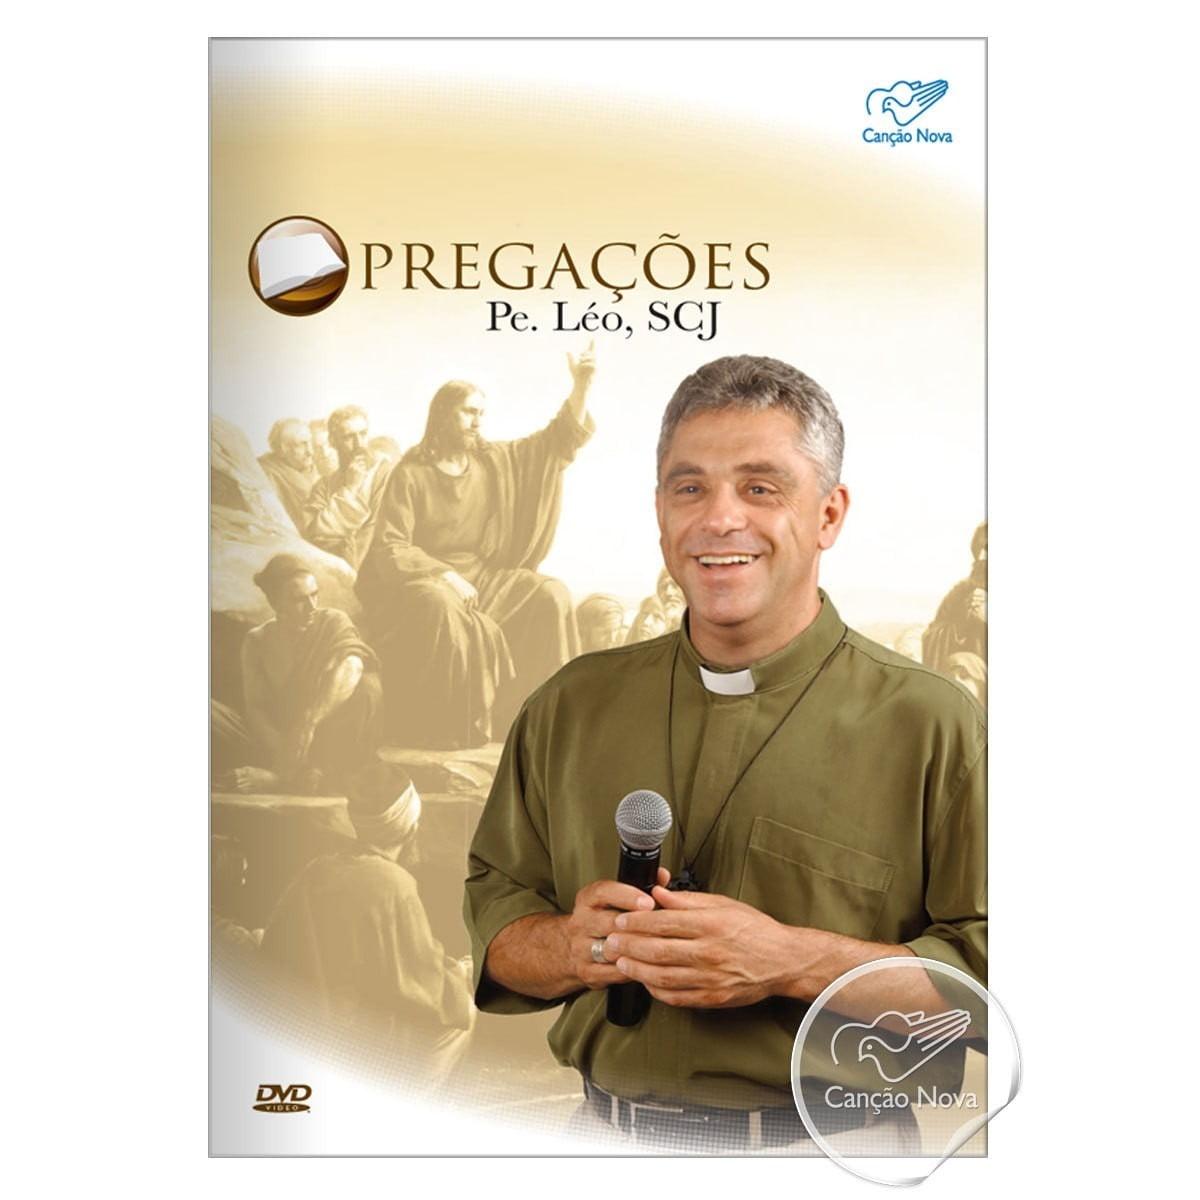 DVD's Pregações e Homilias - Tema: Igreja